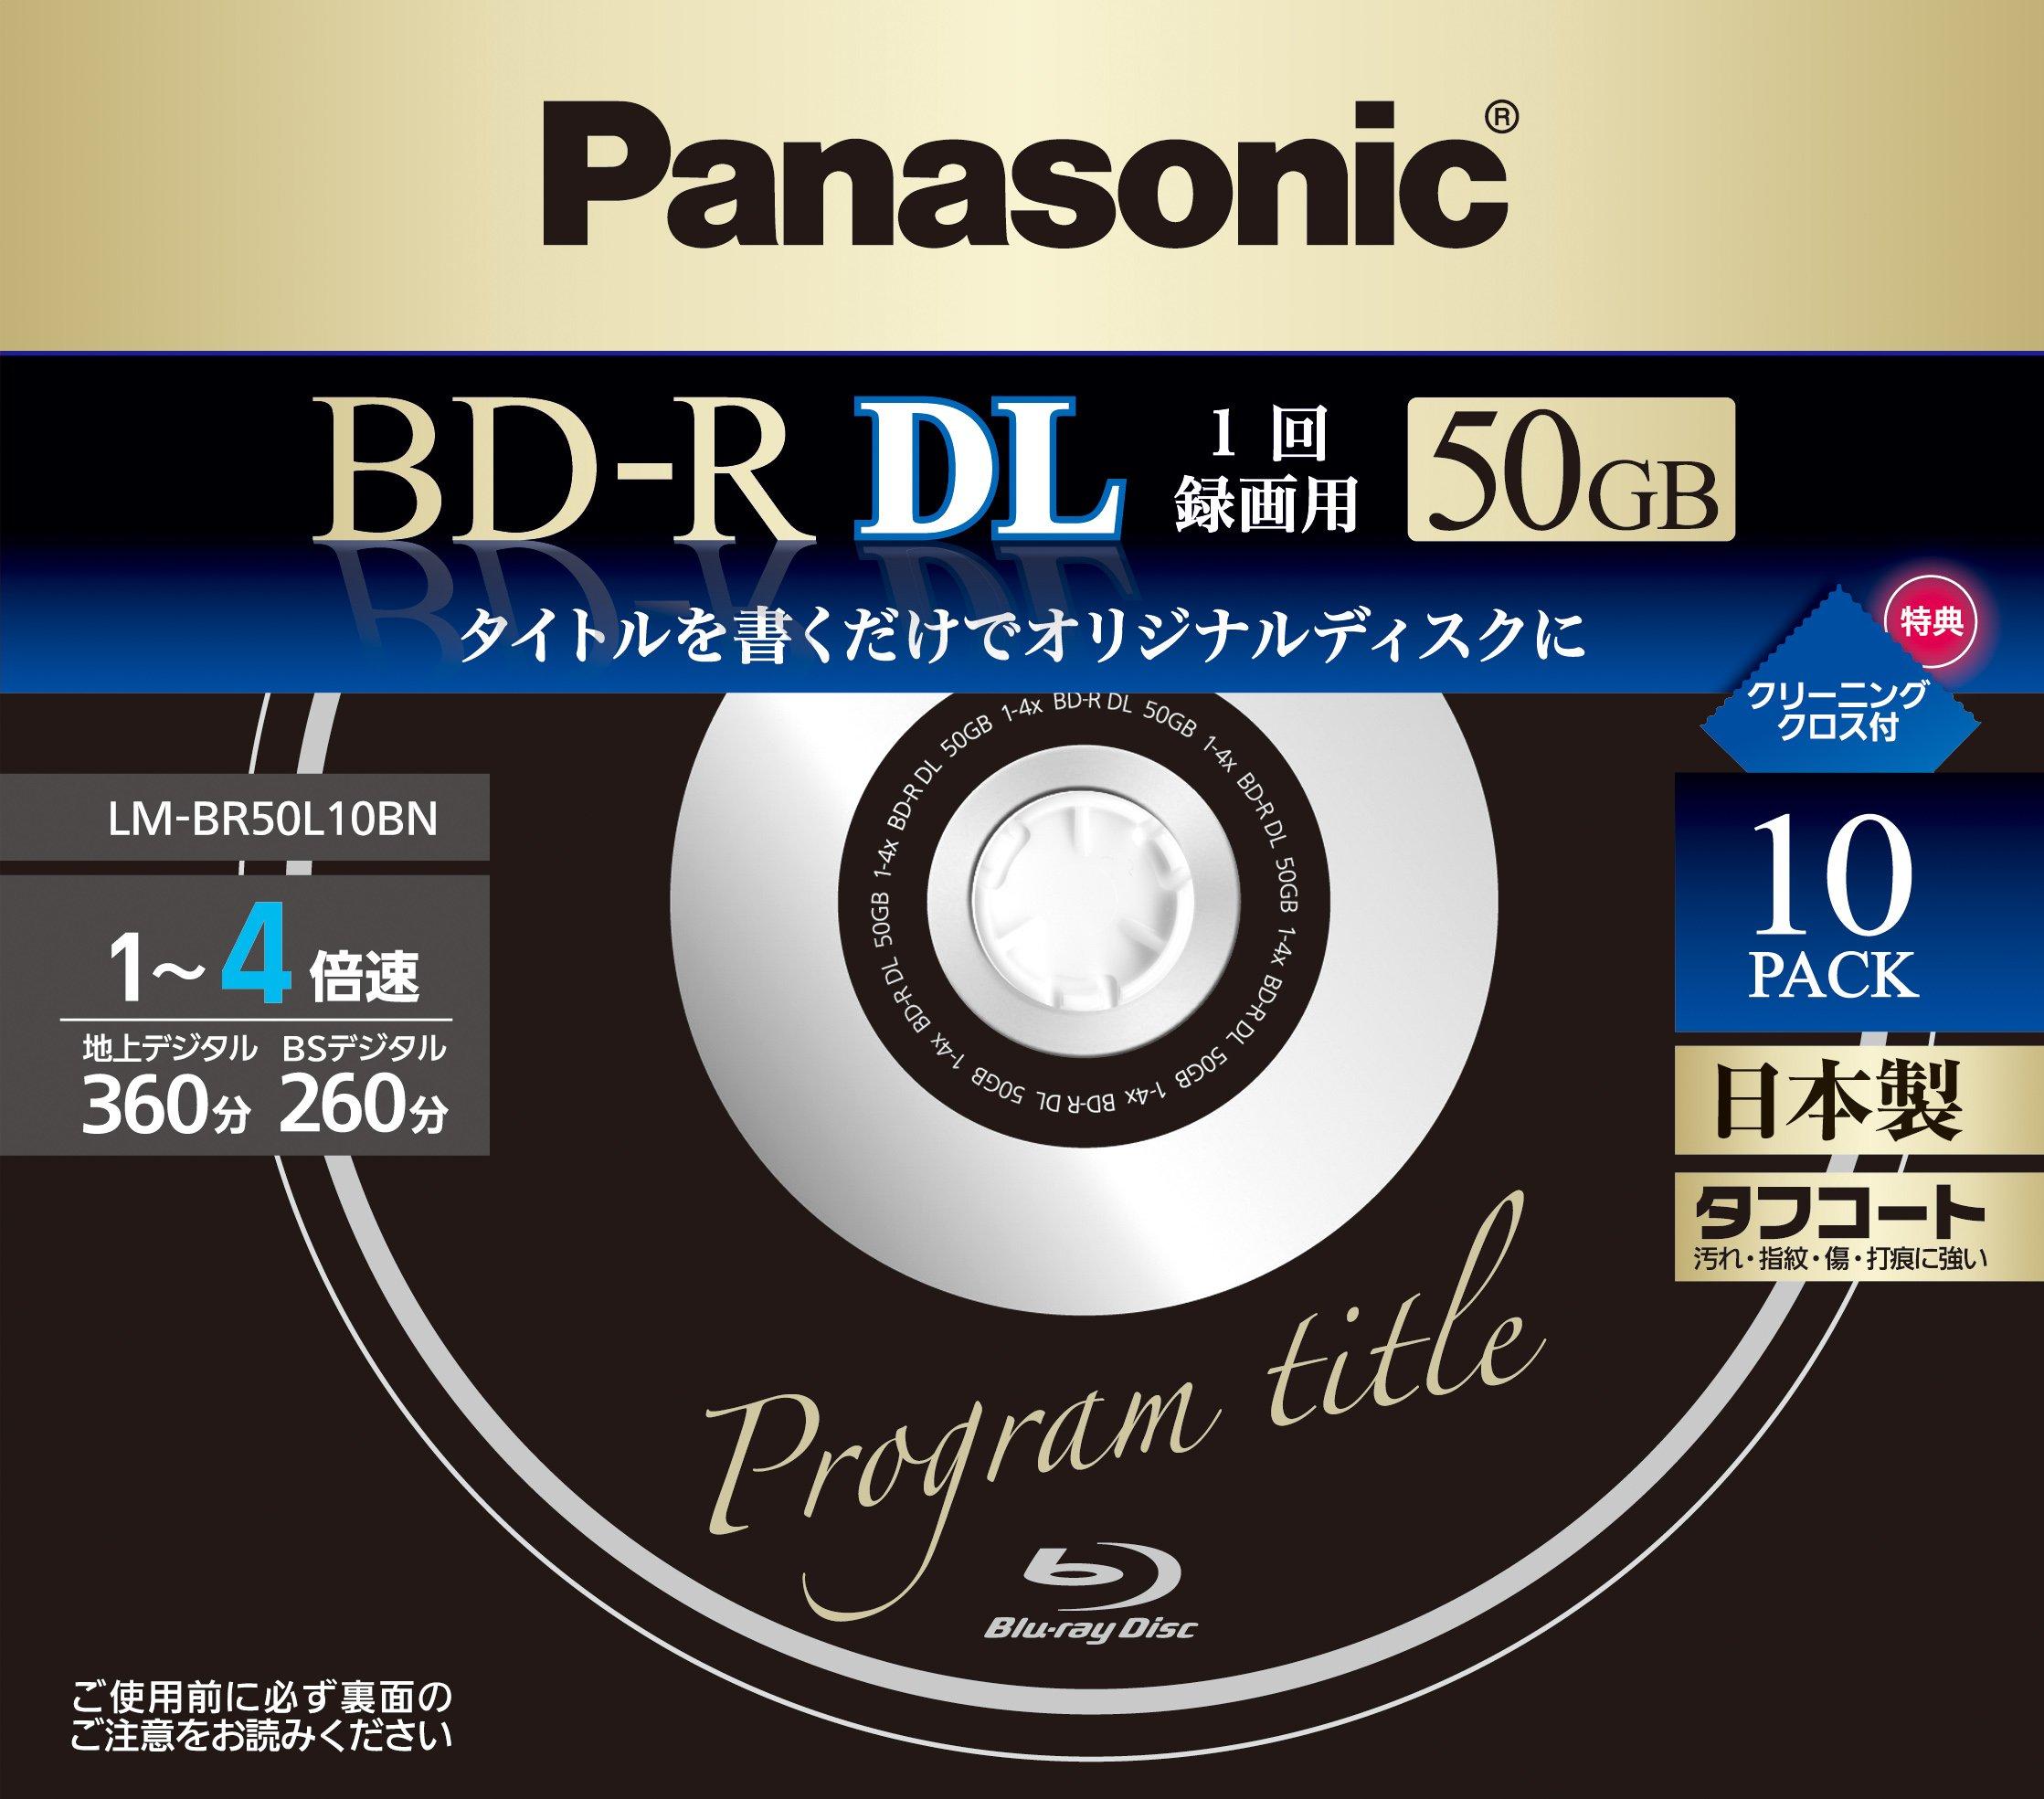 PANASONIC - BR-A/BN - PANASONIC BR-A/BN Battery